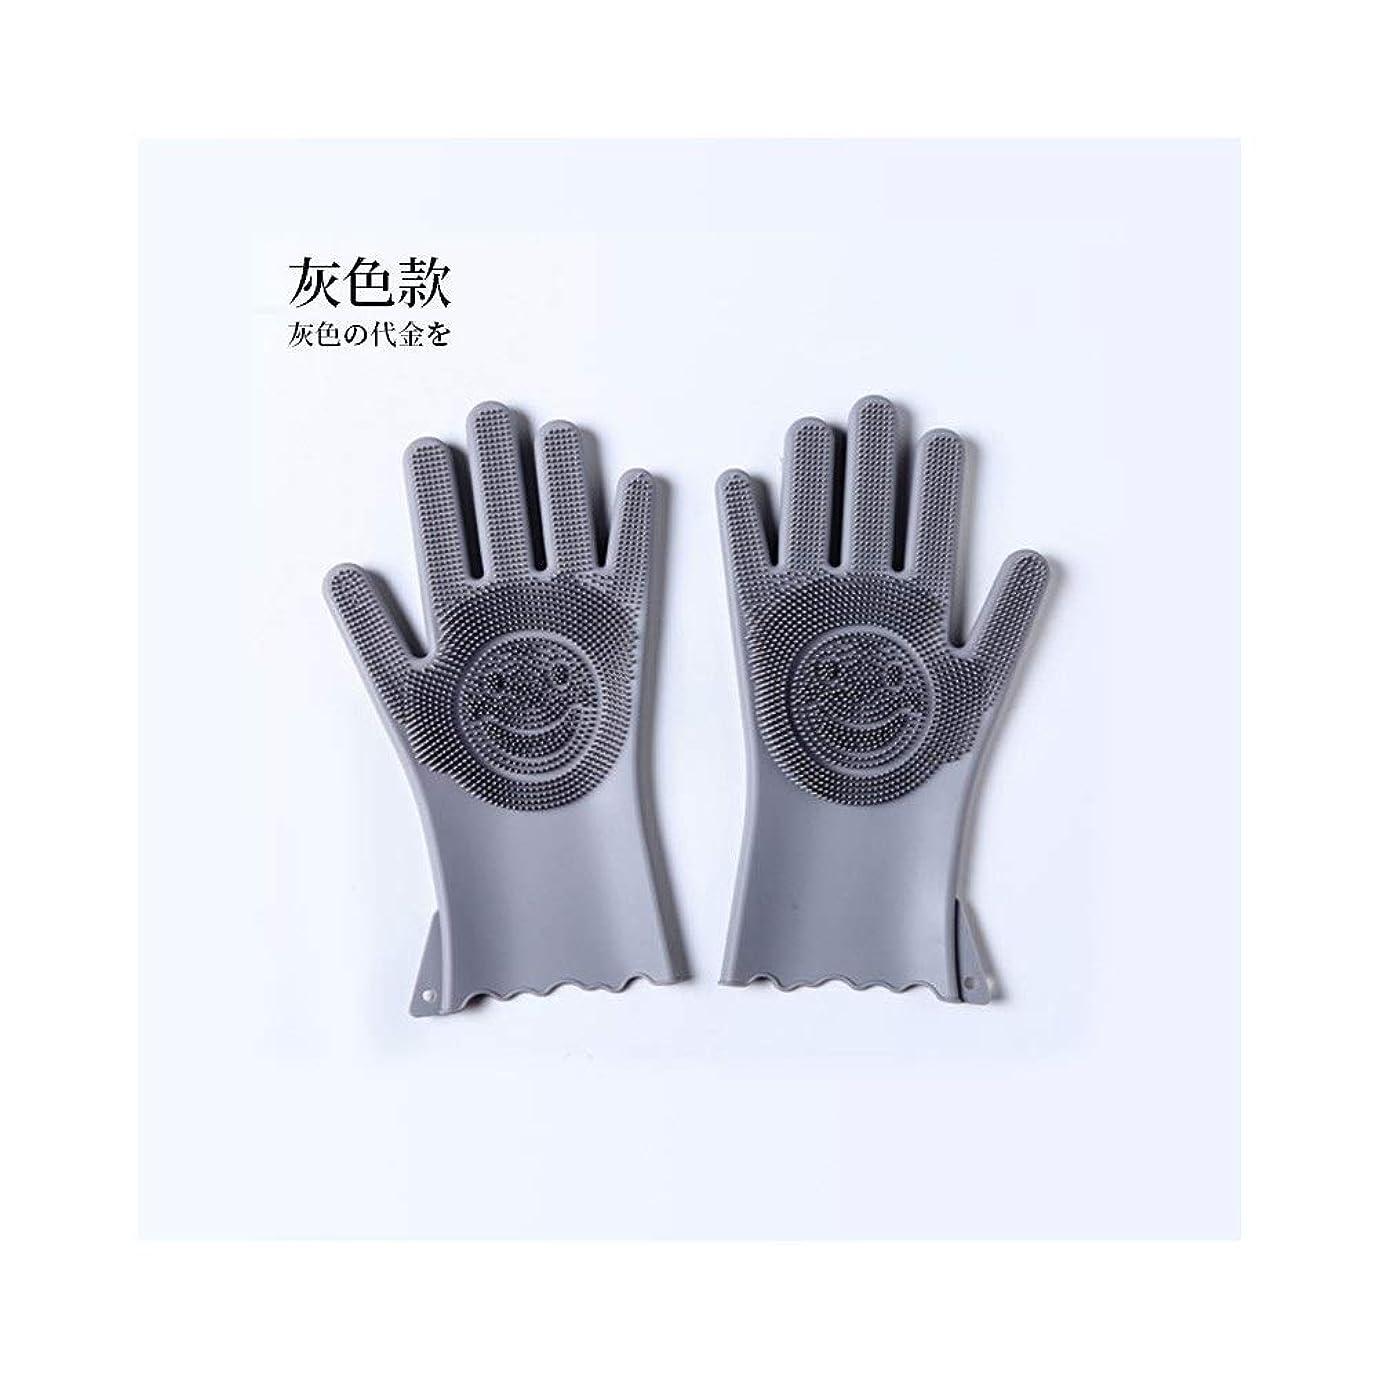 役に立つしかし日付ニトリルゴム手袋 作業用手袋防水厚くて丈夫なシリコーン多機能キッチン家庭用手袋 使い捨て手袋 (Color : Gray, Size : M)